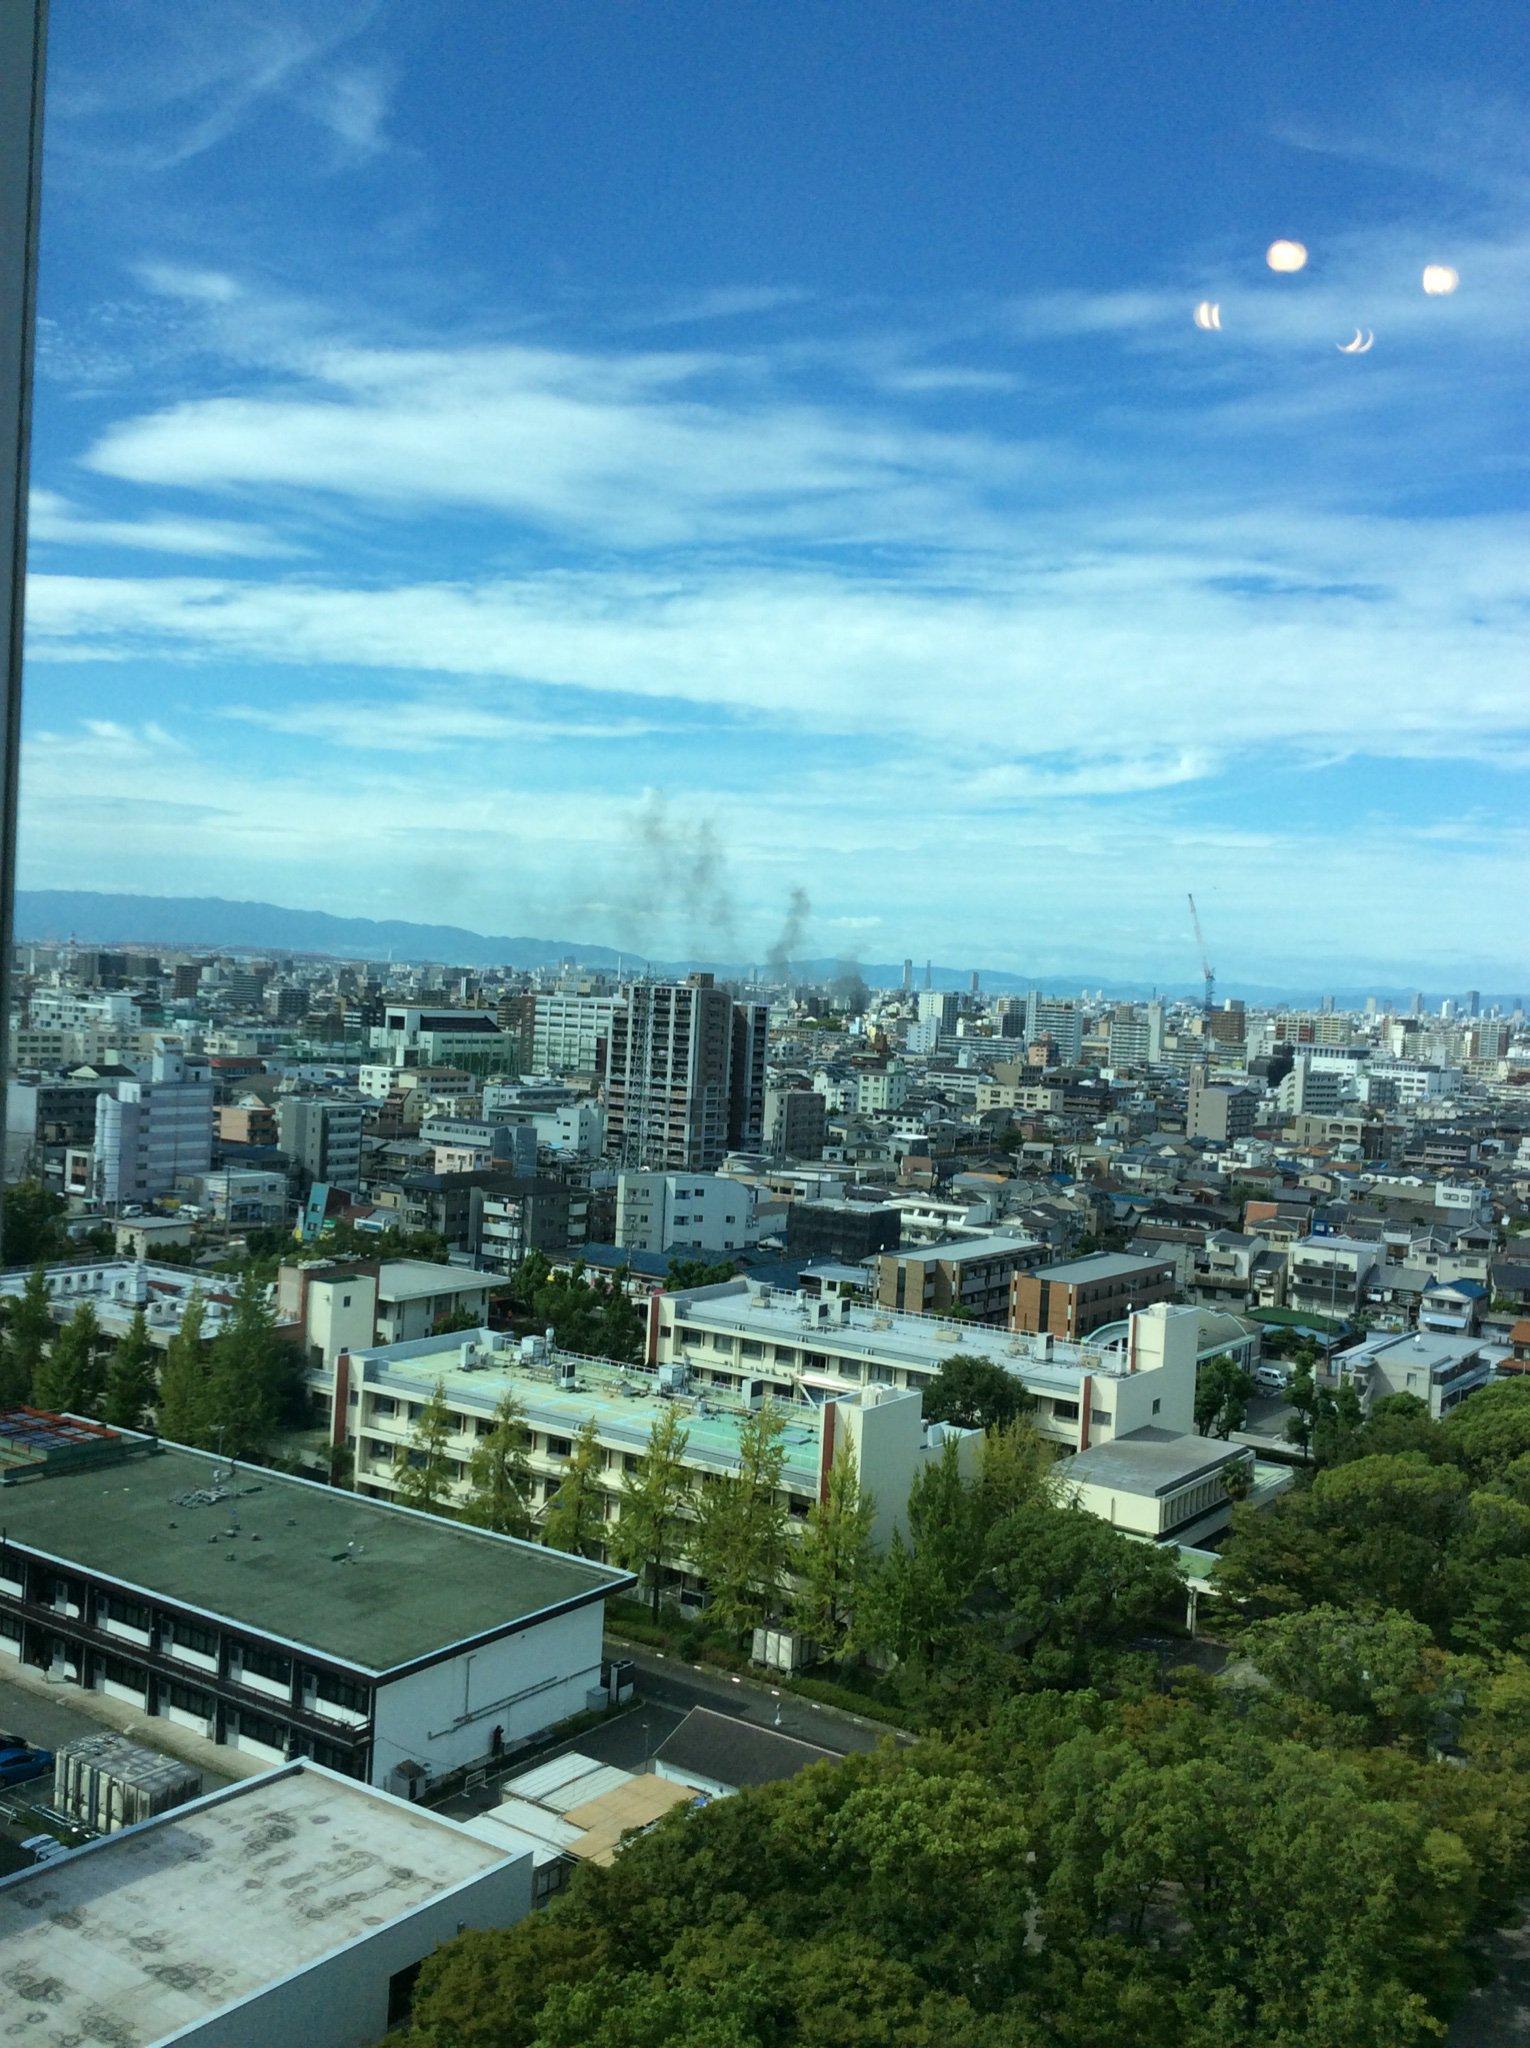 画像,大阪来てるけど、これは火事なのか???汗 https://t.co/vOVH0Q5FP0。